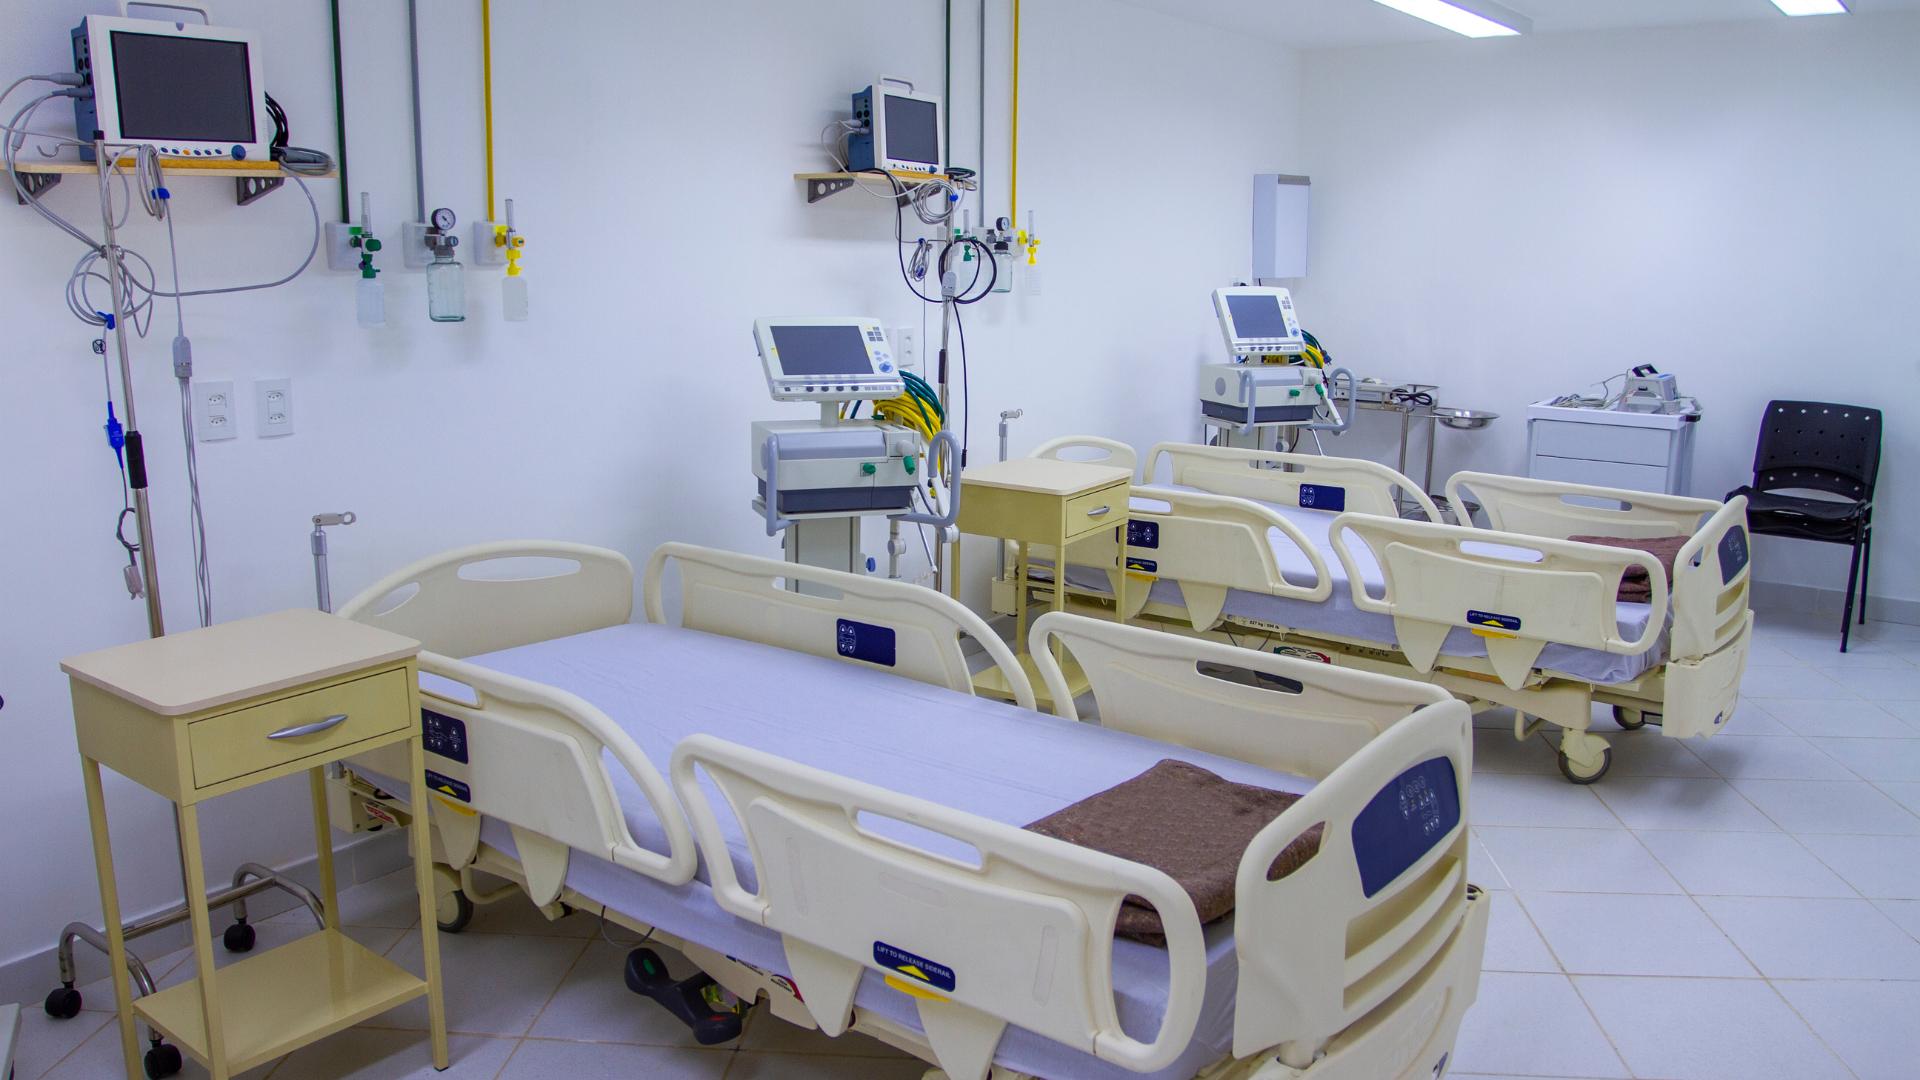 Estado não pode cobrar ICMS de equipamentos médicos importados